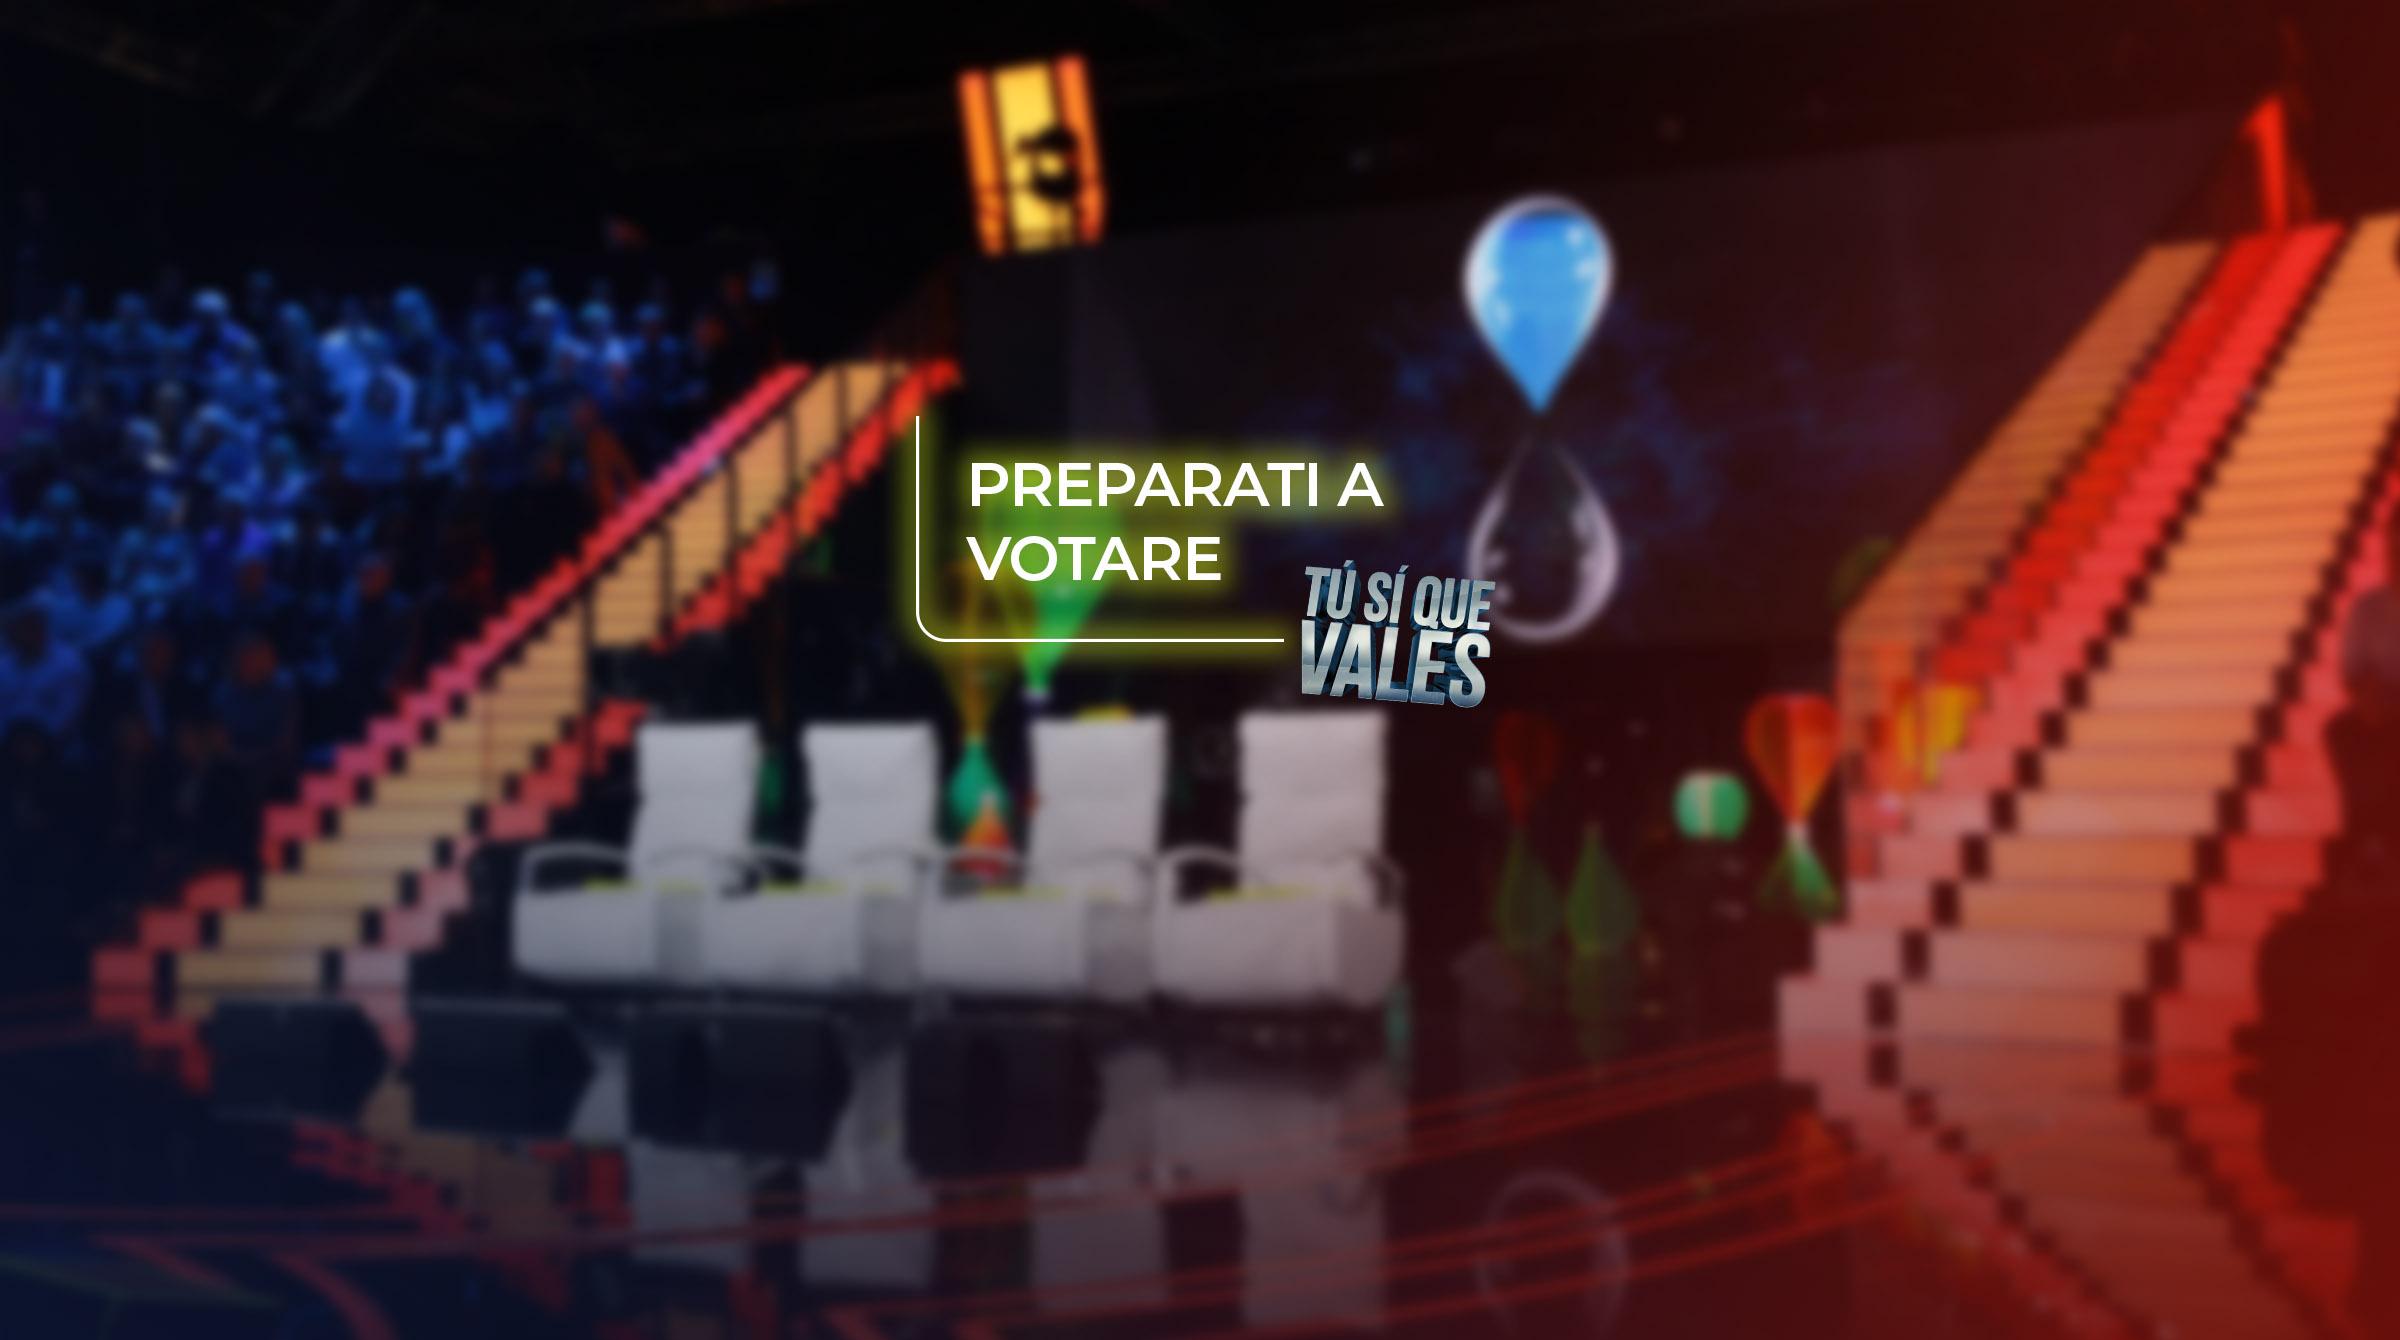 PREPARATIAVOTARE-TUSIQUEVALES